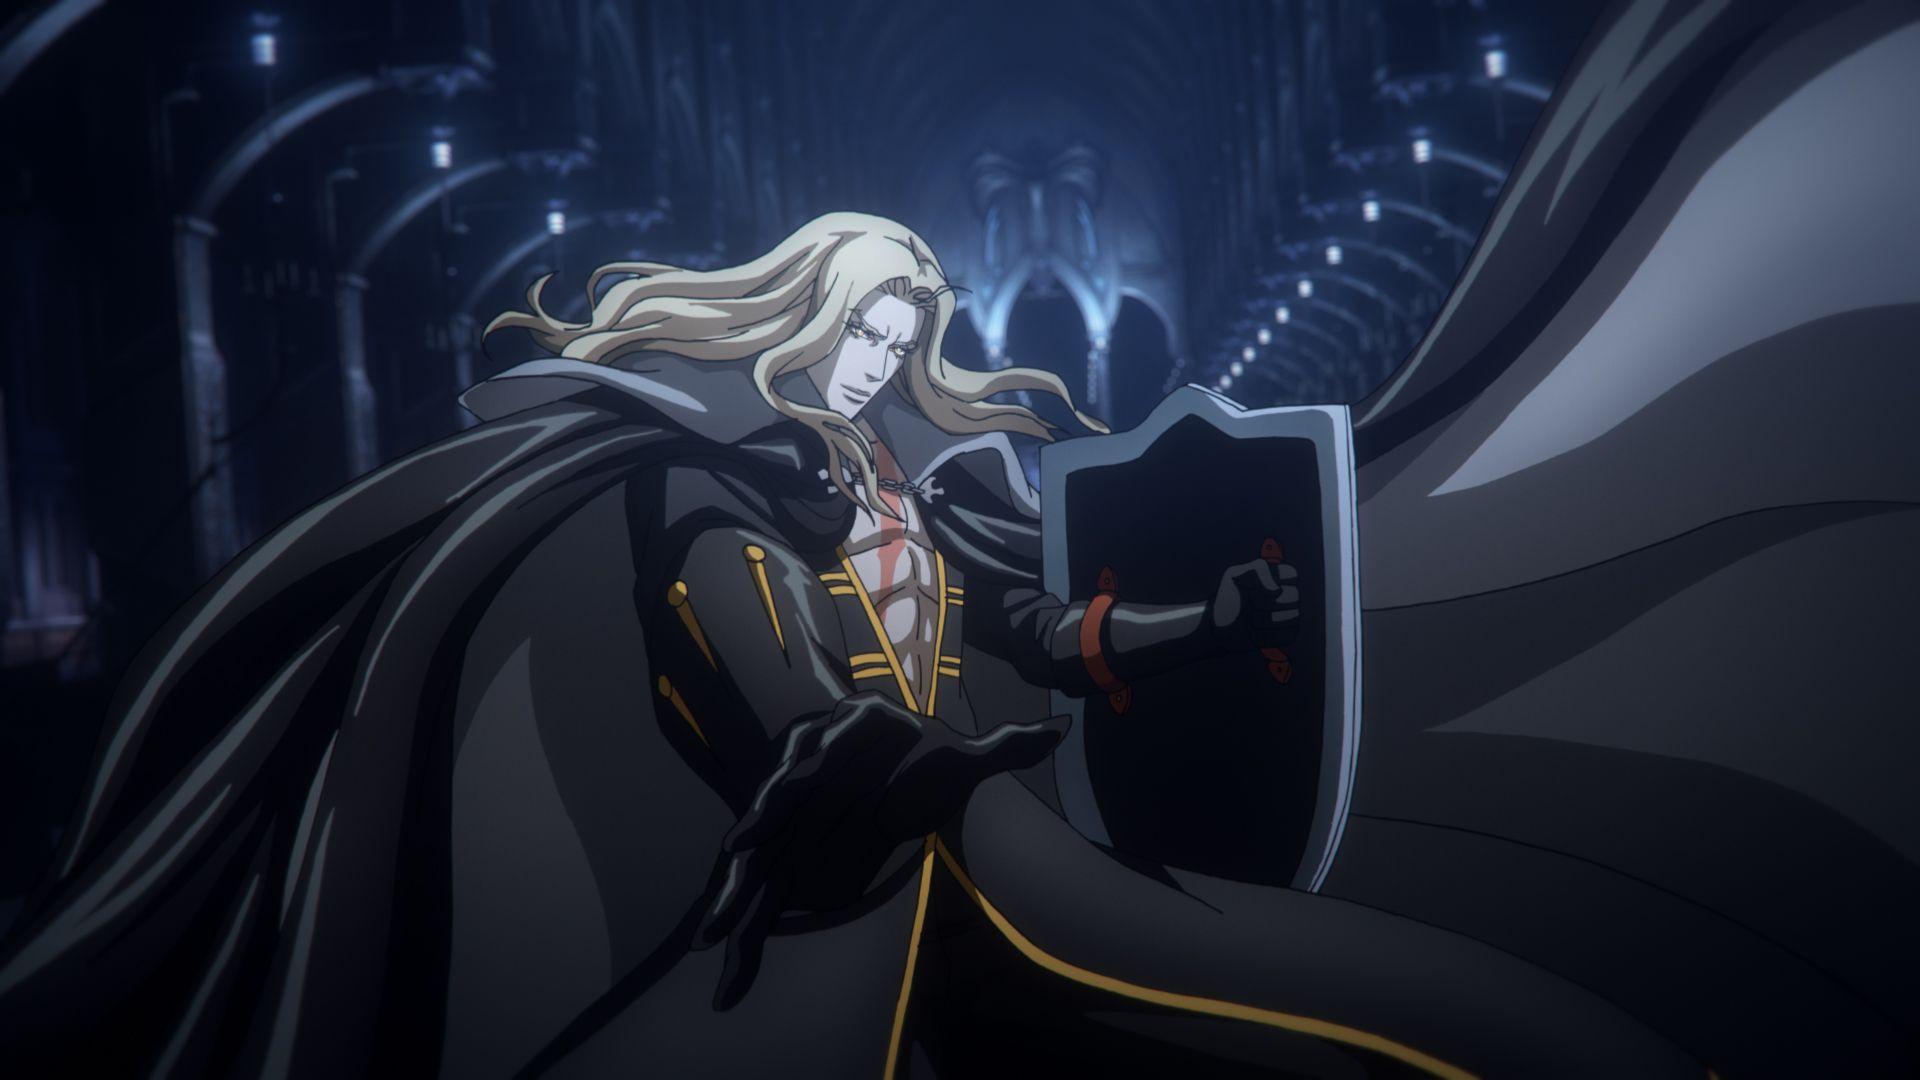 Castlevania mostra sua última temporada em um novo photoset 3